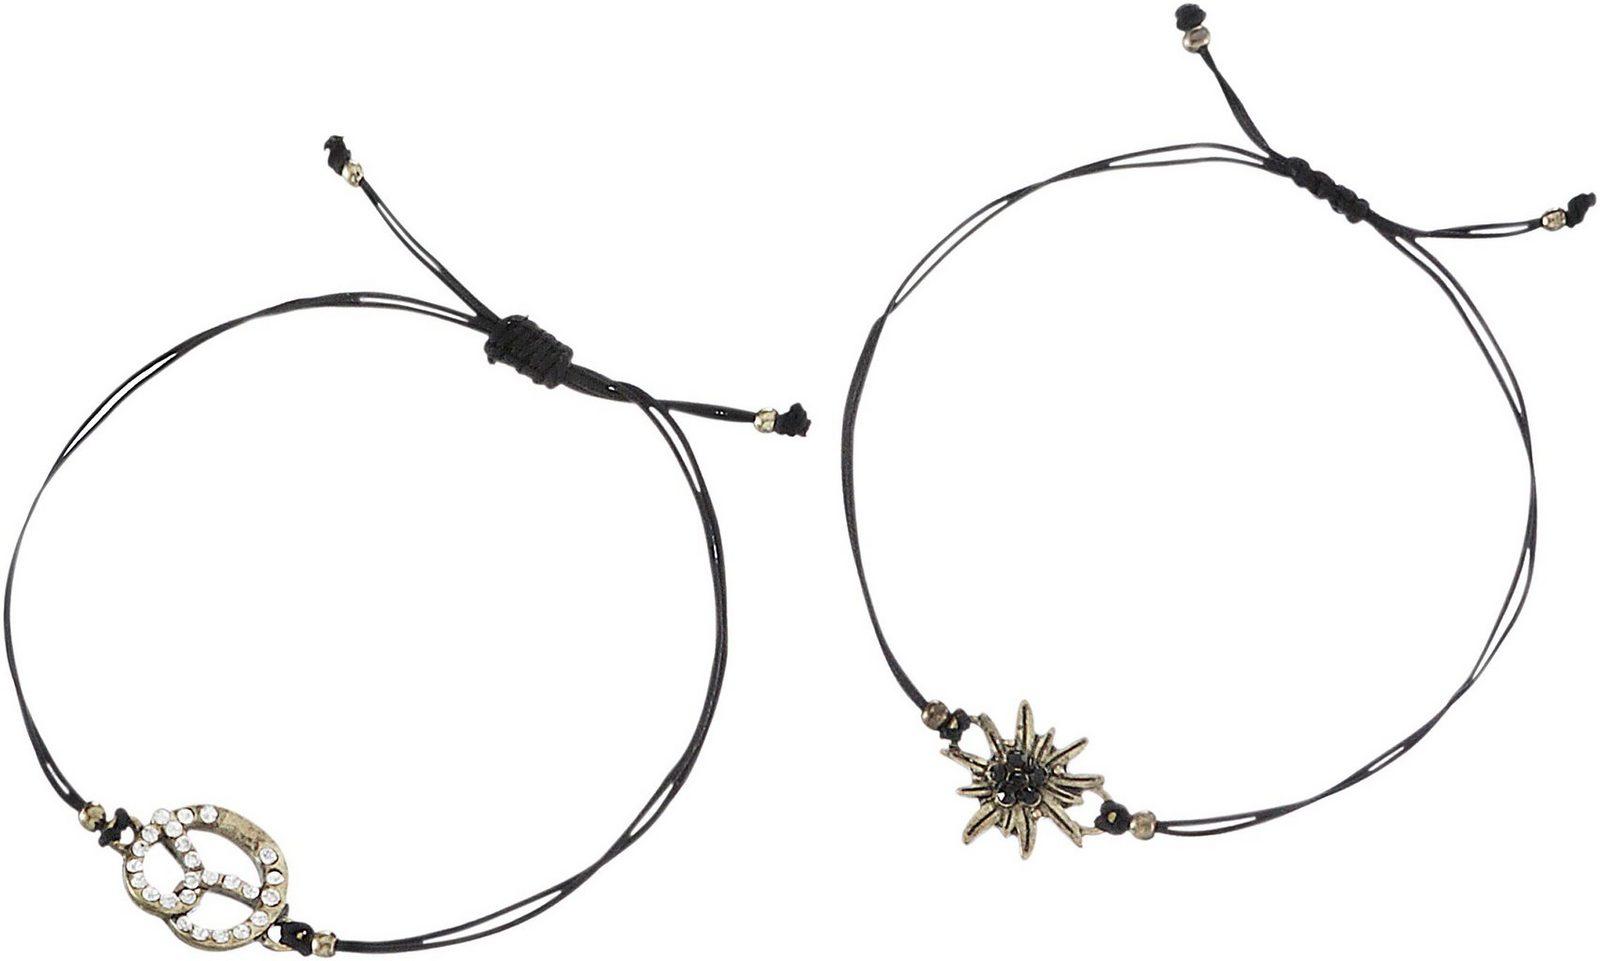 Alpenflüstern Trachtenarmband Damen mit Ziehverschluss - broschei